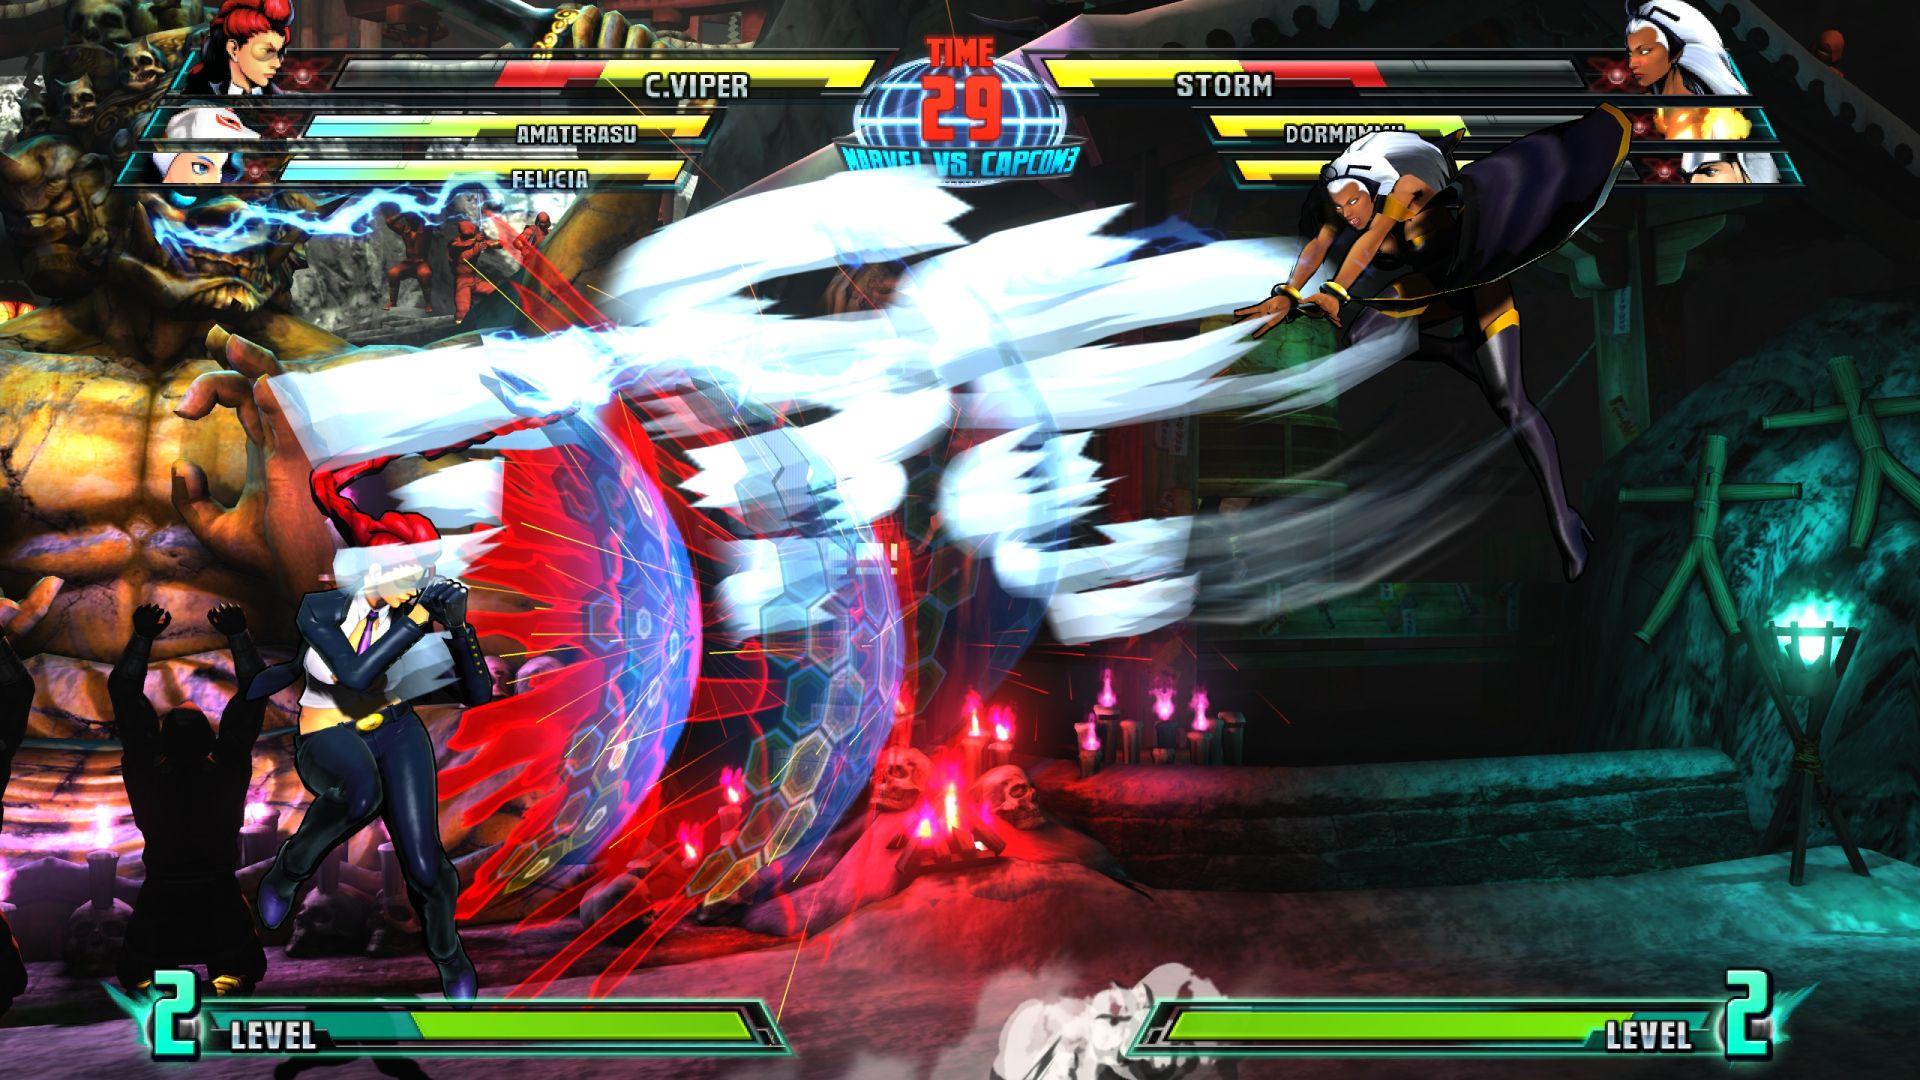 C. Viper a Storm v bojovce Marvel vs. Capcom 3 26846